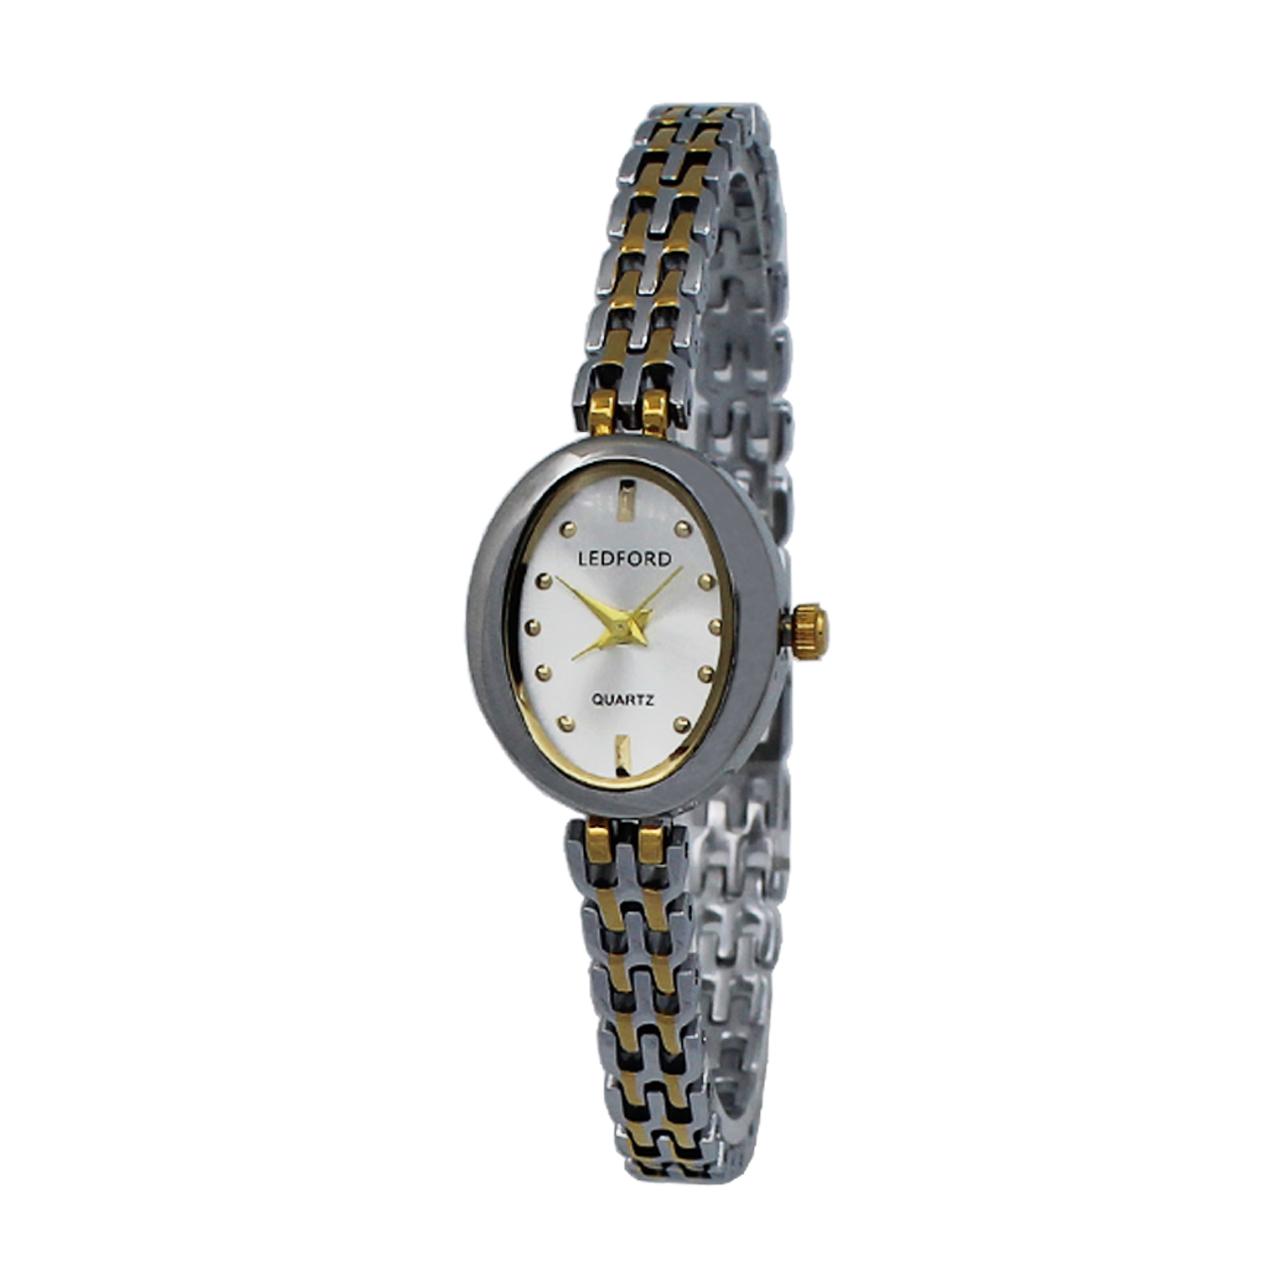 ساعت مچی عقربه ای زنانه لدفورد مدل DGZU-0167